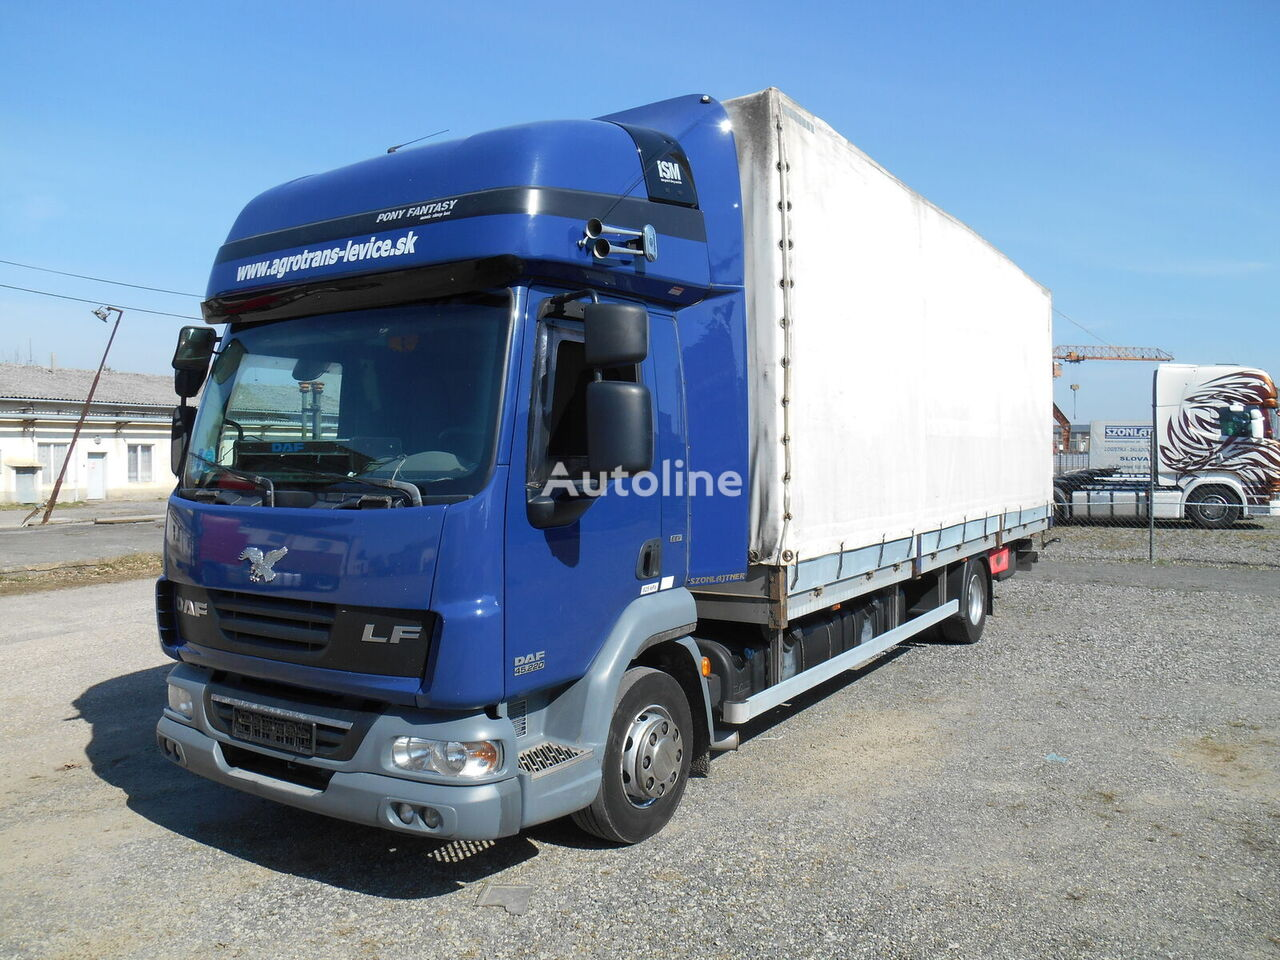 DAF LF 45 220 kamion s ceradom